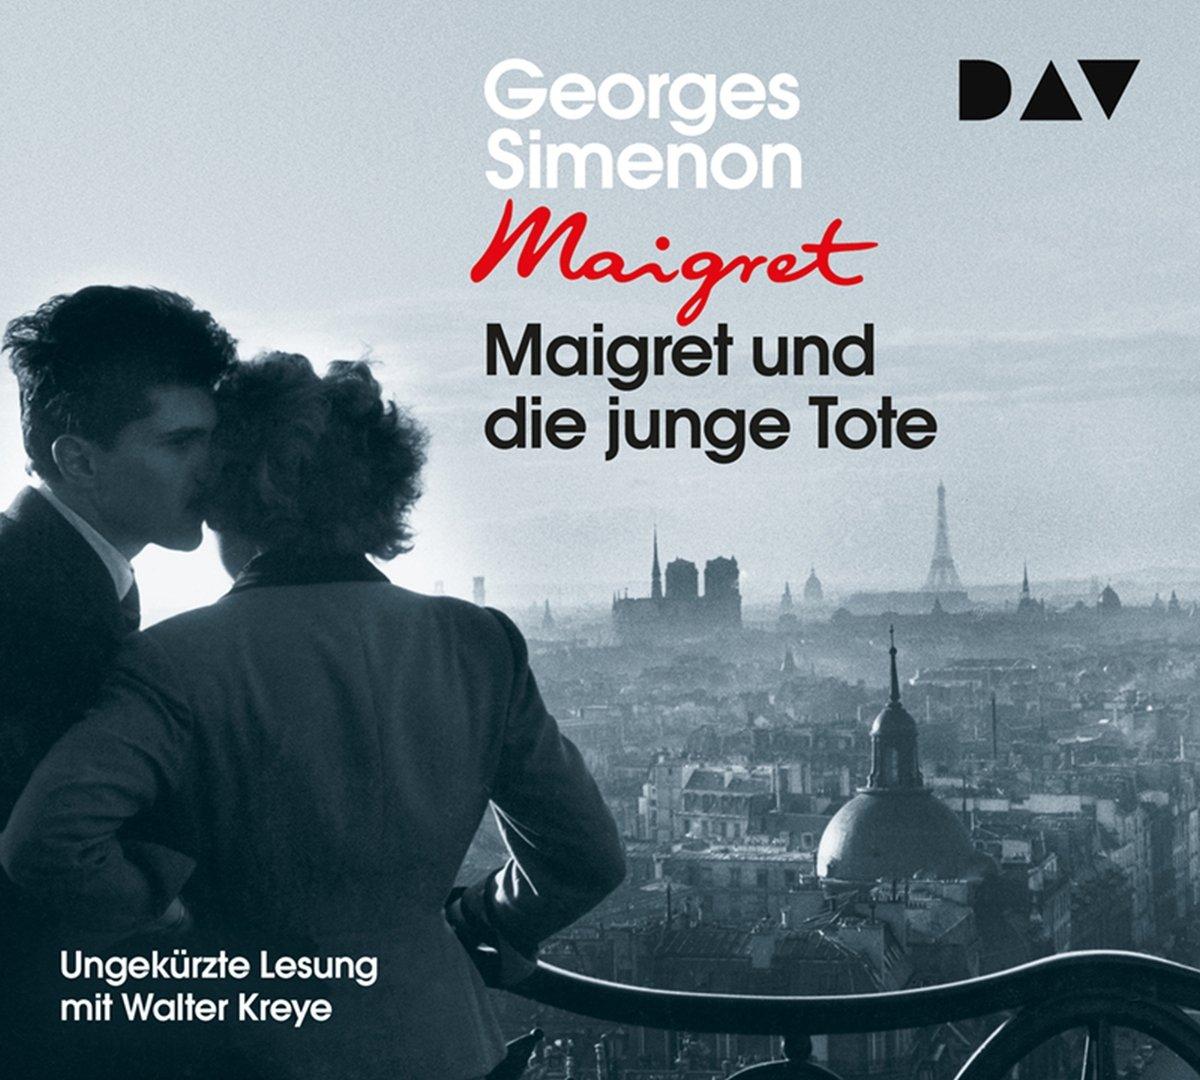 Maigret und die junge Tote: Ungekürzte Lesung mit Walter Kreye (4 CDs)